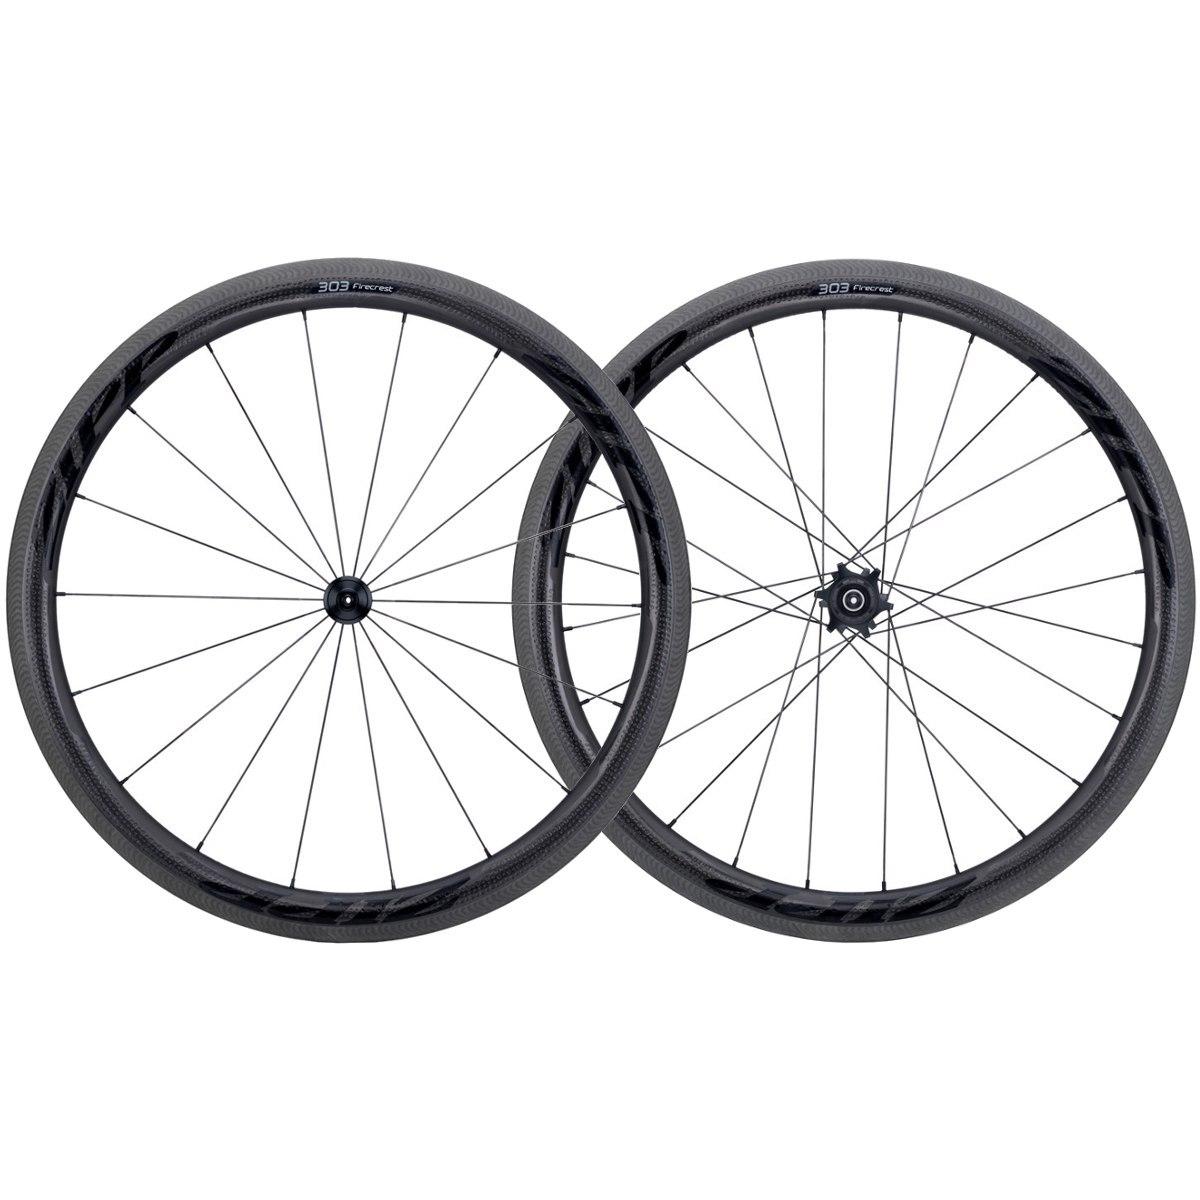 ZIPP 303 Firecrest Carbon Showstopper Laufradsatz - Schlauchreifen - QR - B-Ware - schwarz